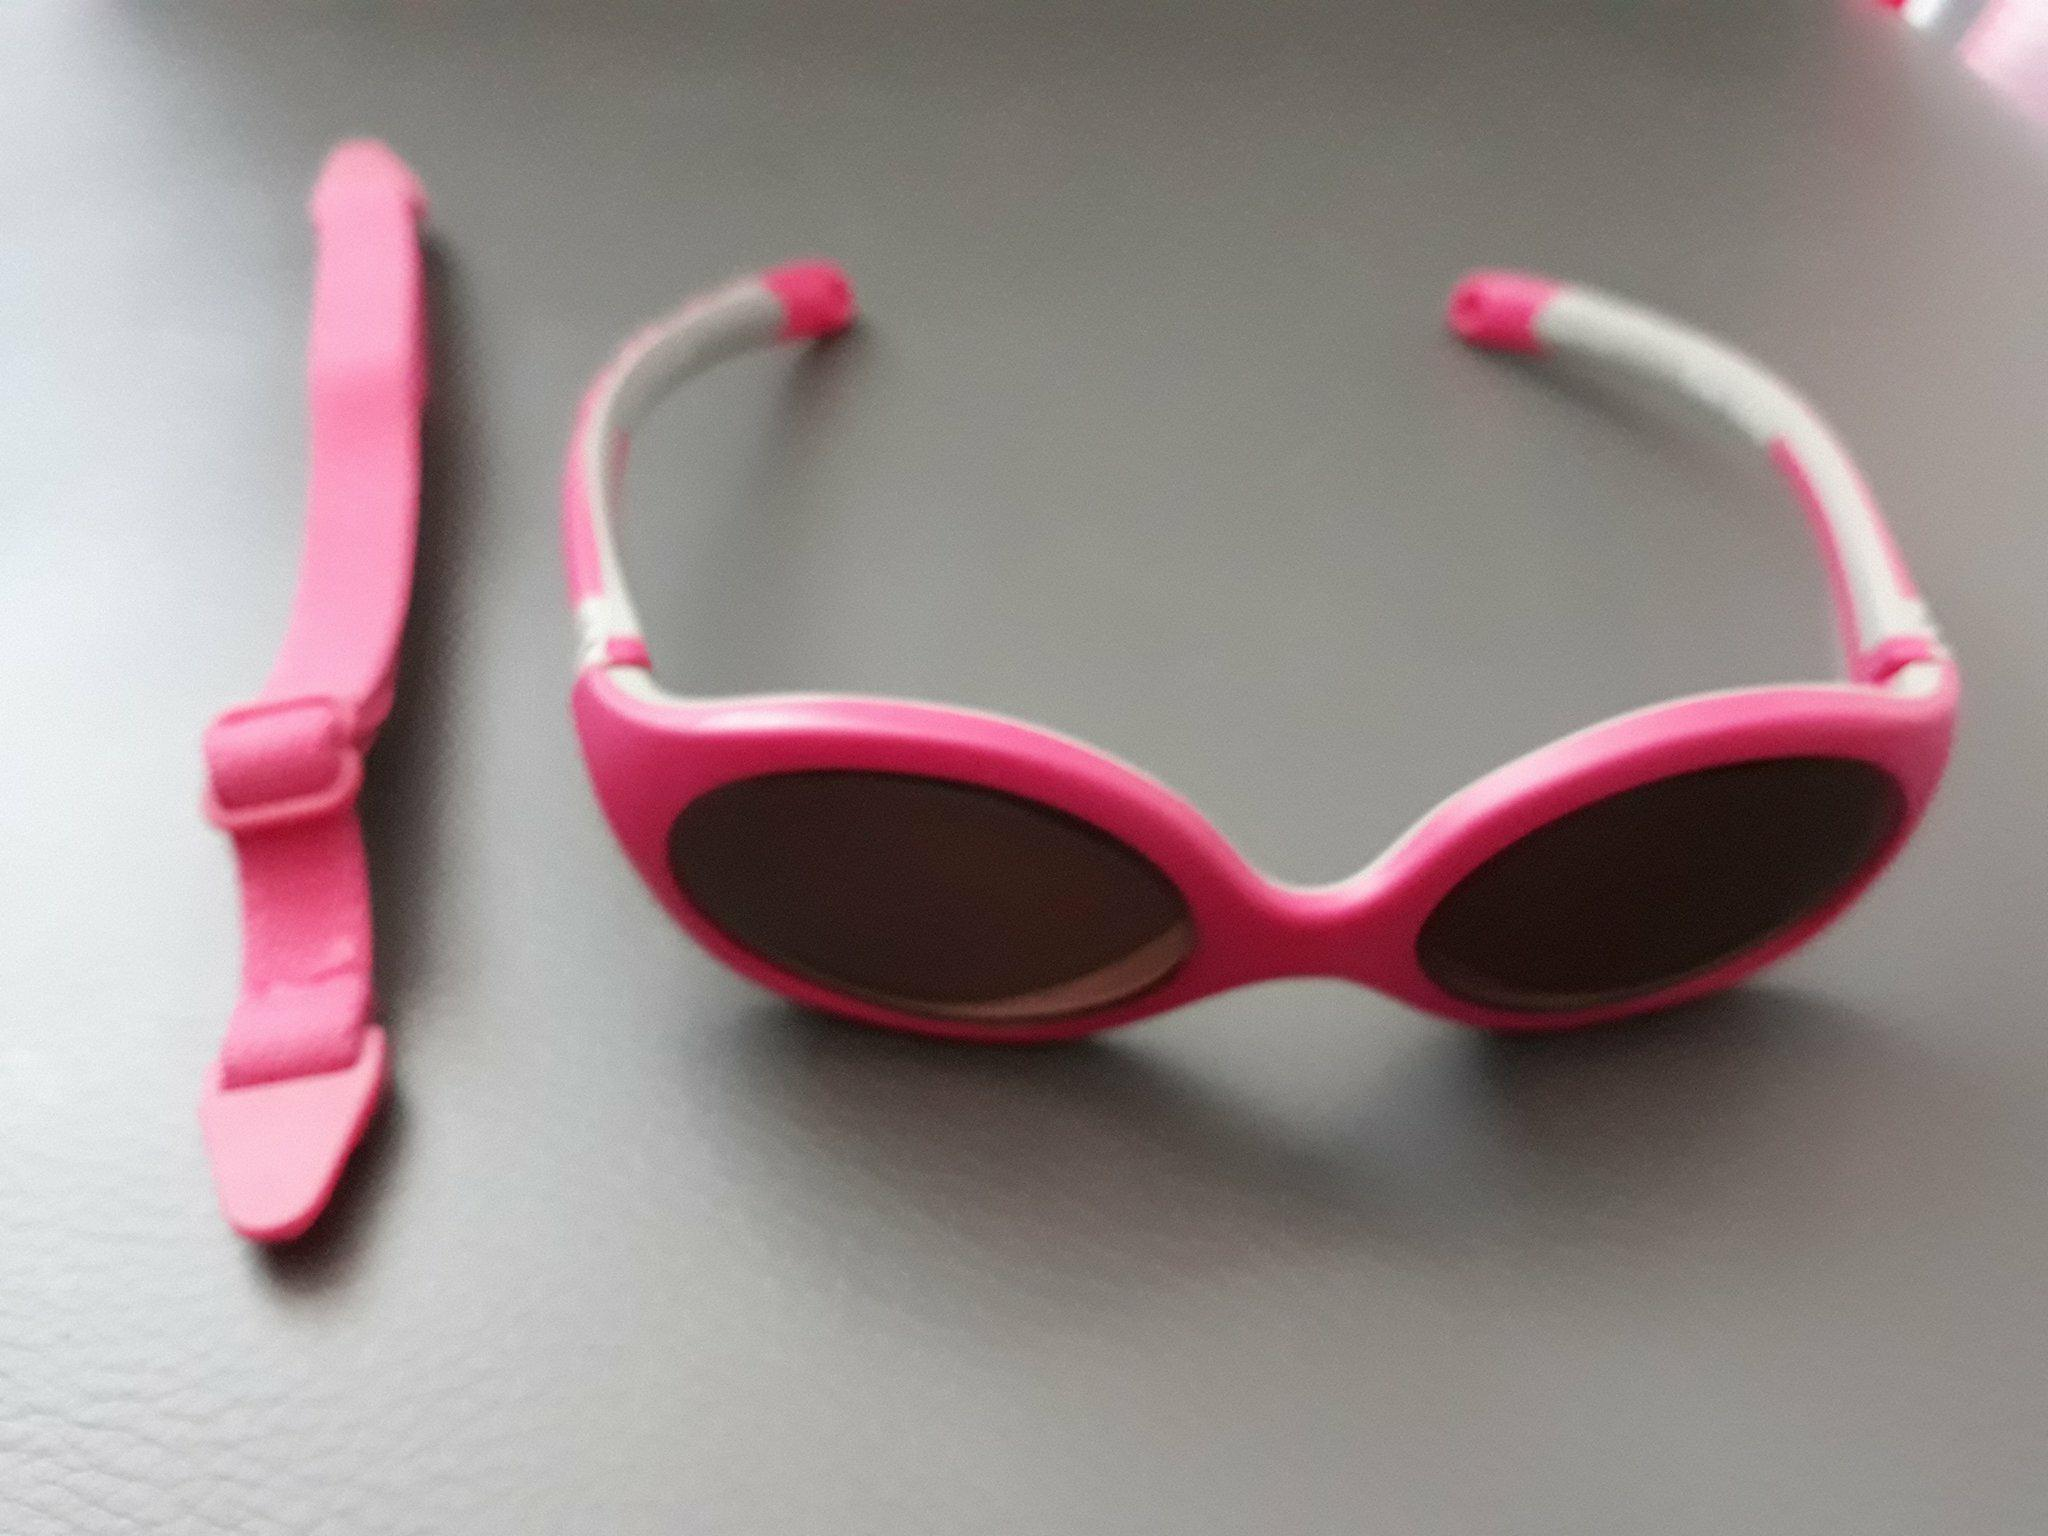 Niemowlęce okulary przeciwsłoneczne wkolorze różowym odfirmy B&S.